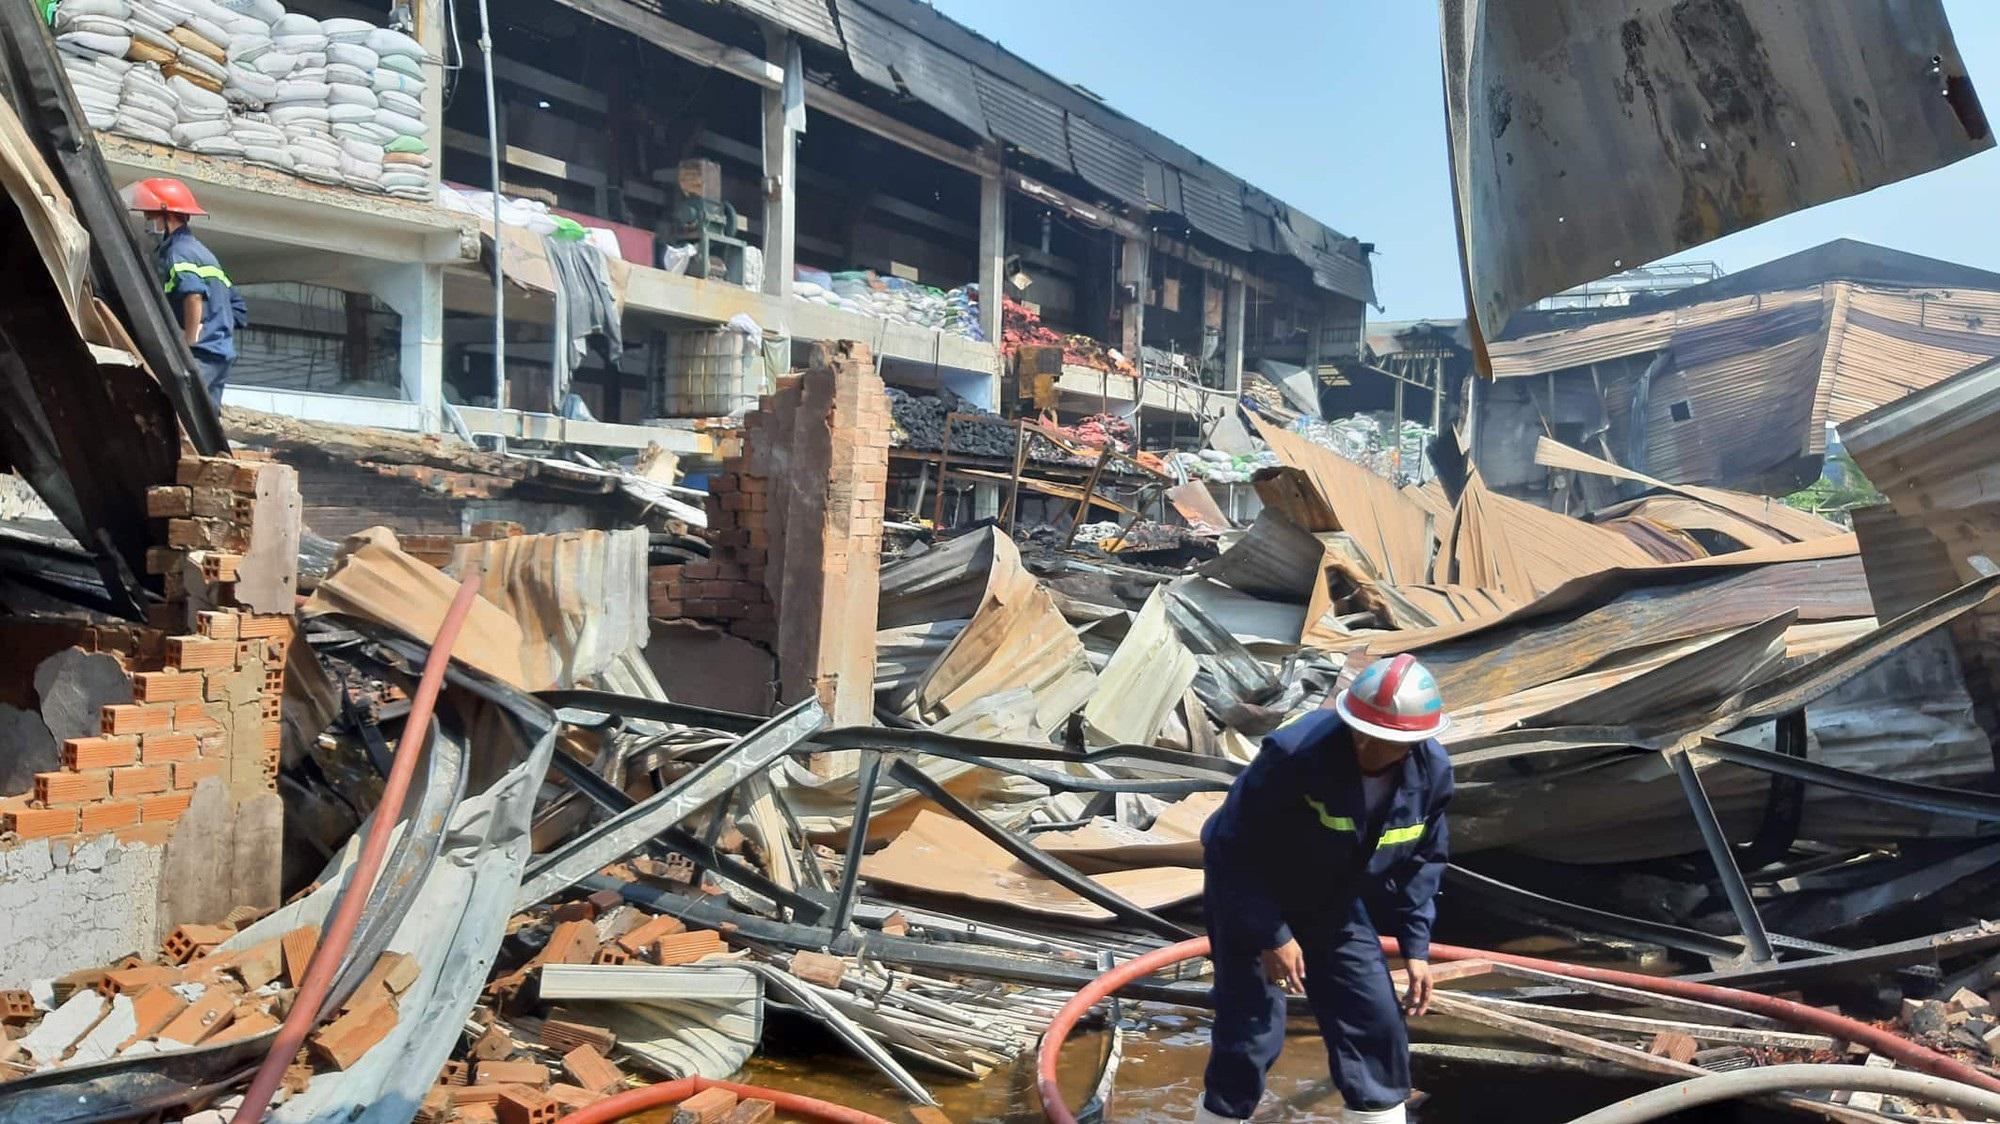 Kho xưởng chứa rau củ quả đổ sập sau đám cháy kinh hoàng ở Sài Gòn - Ảnh 1